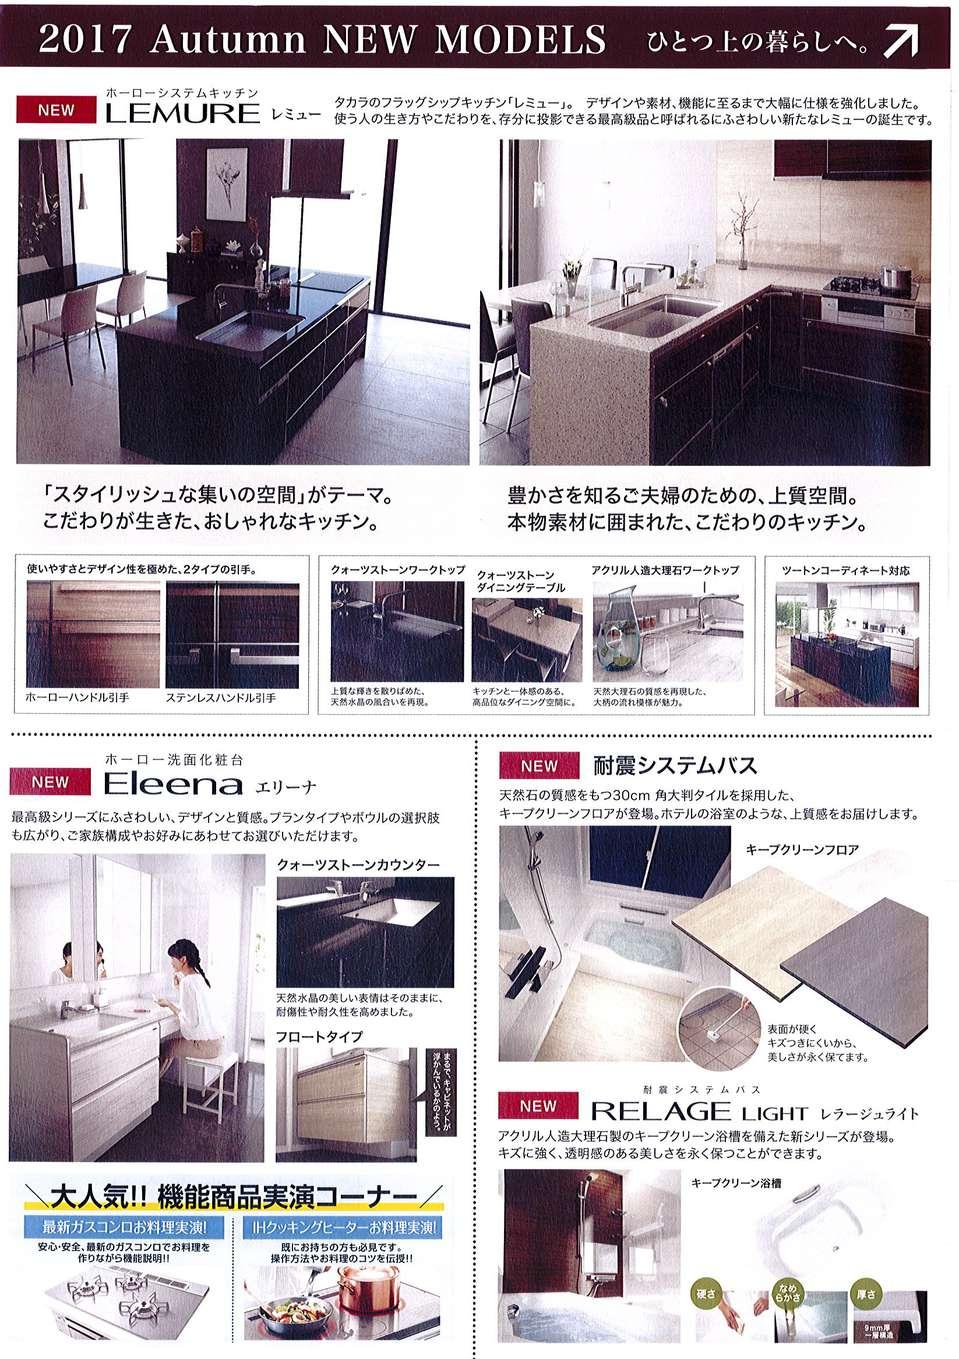 takara2017 (2).jpg